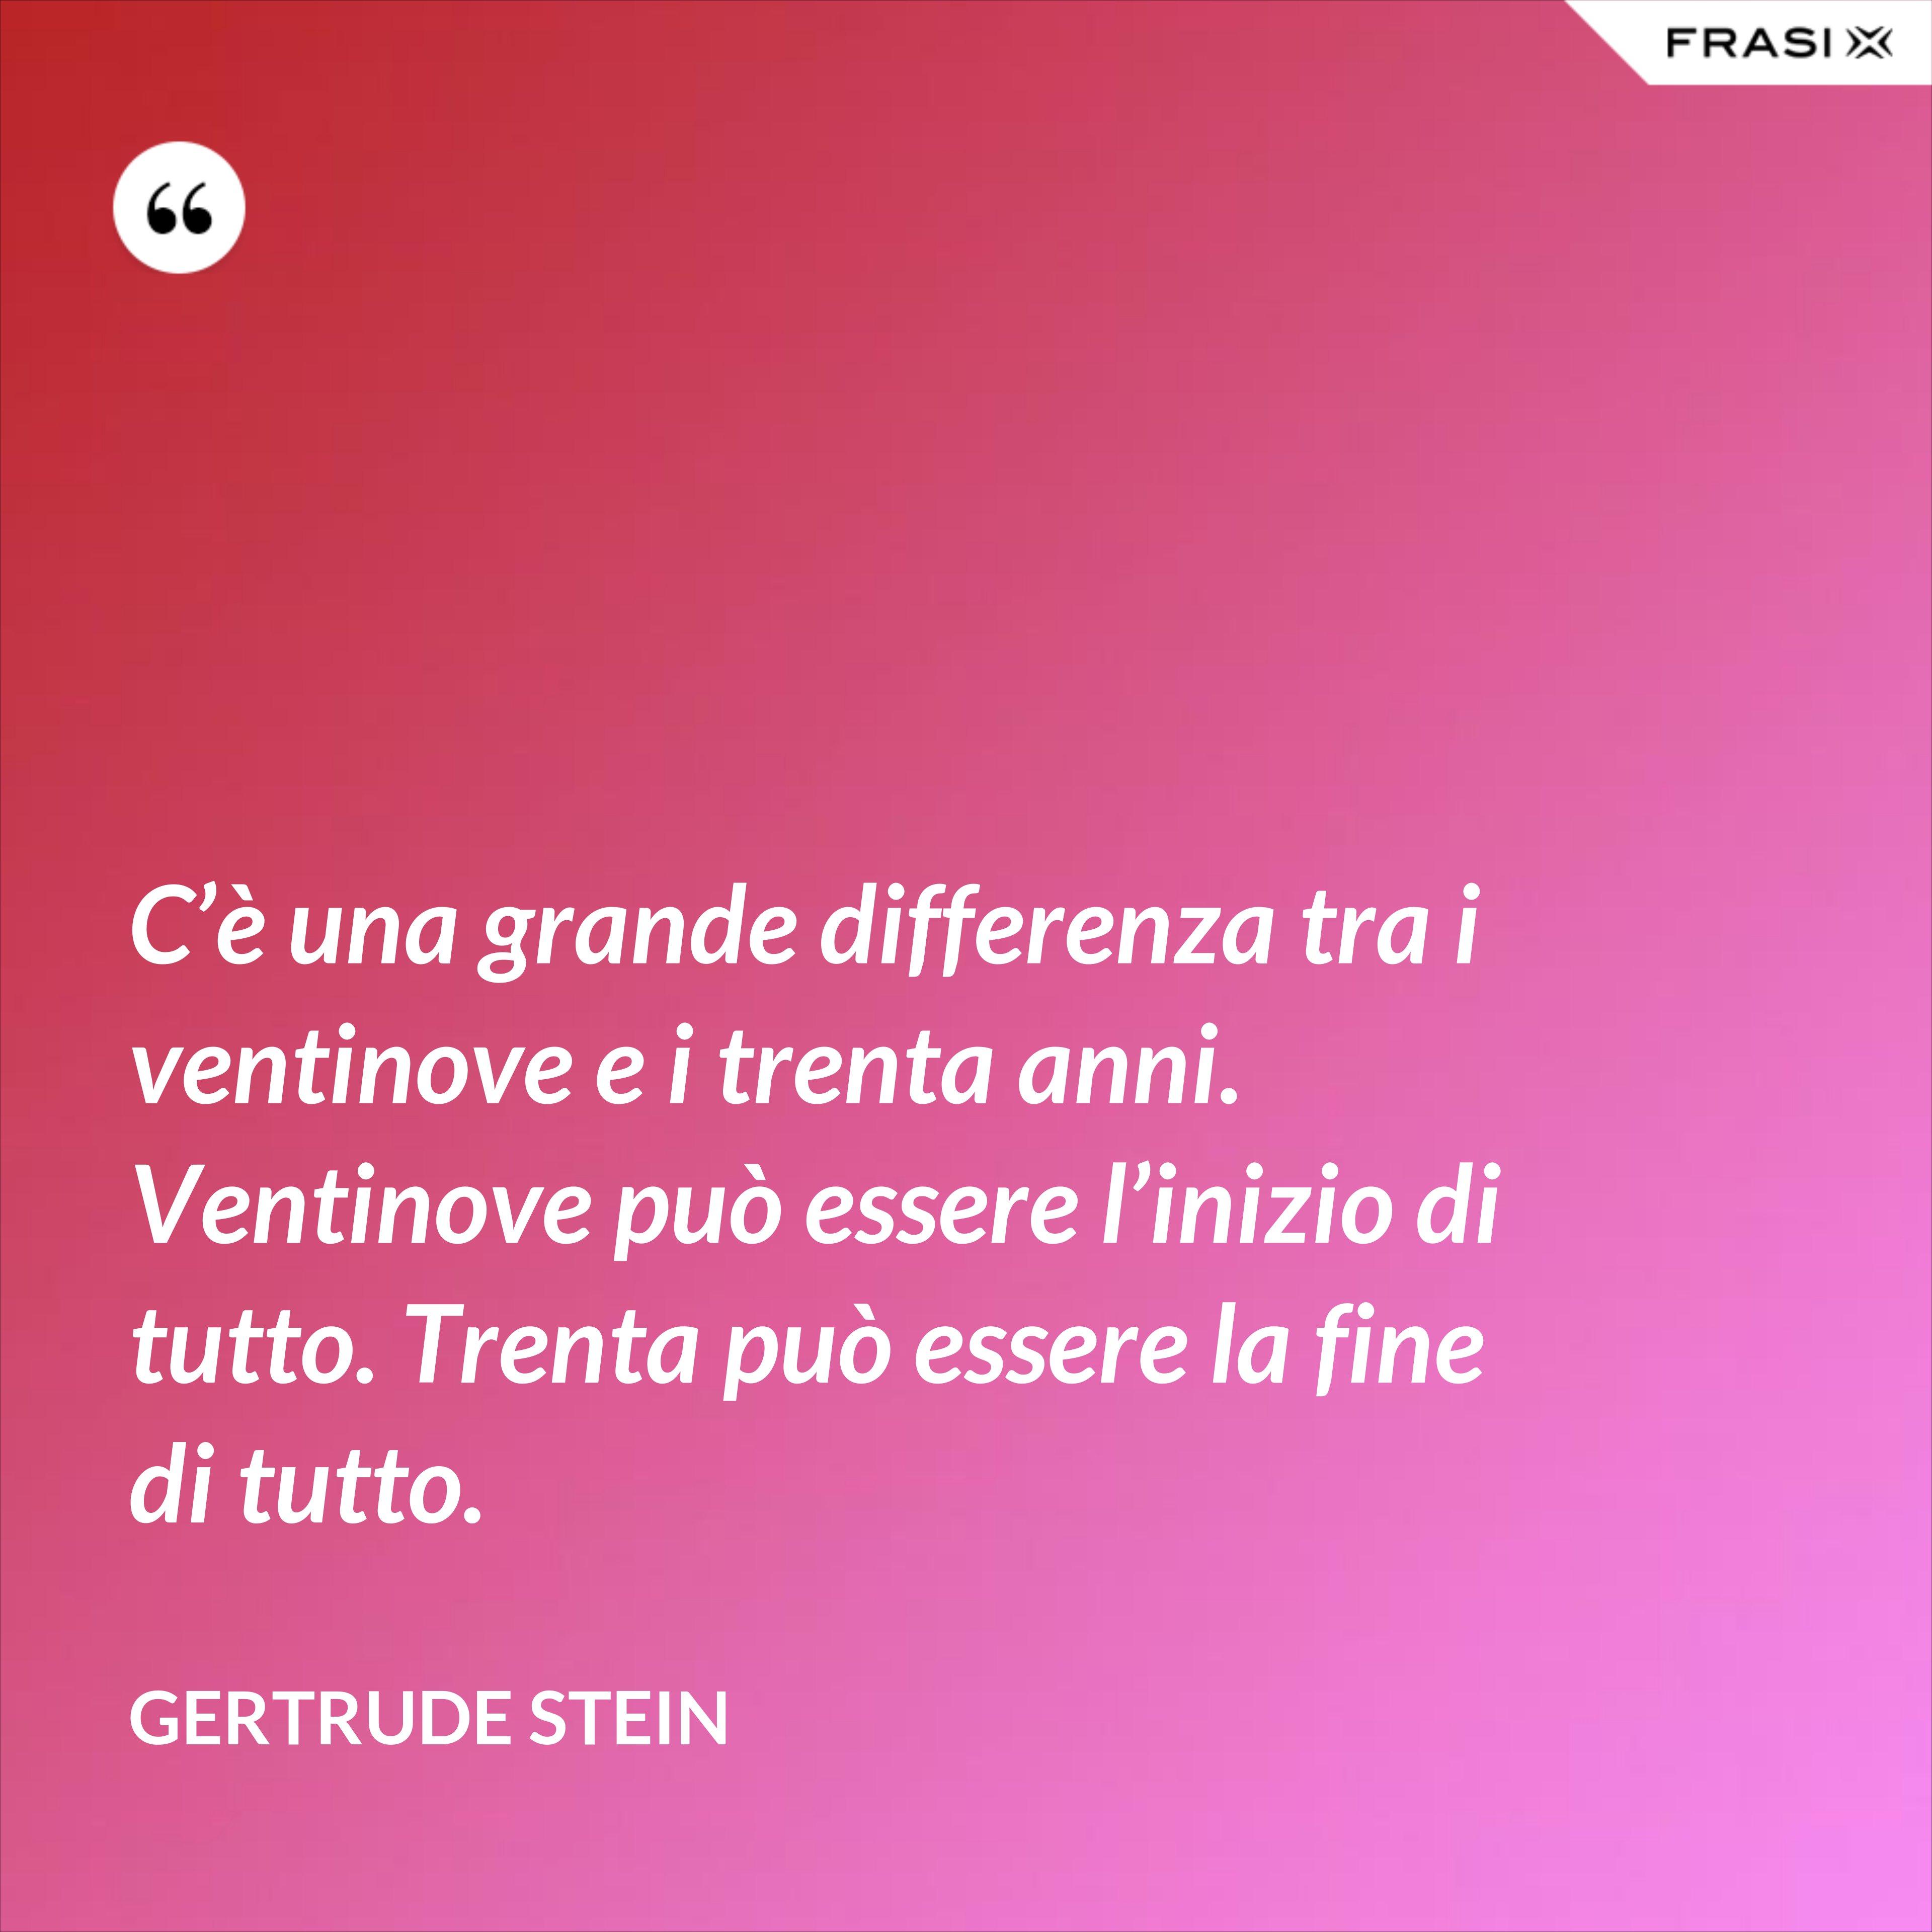 C'è una grande differenza tra i ventinove e i trenta anni. Ventinove può essere l'inizio di tutto. Trenta può essere la fine di tutto. - Gertrude Stein